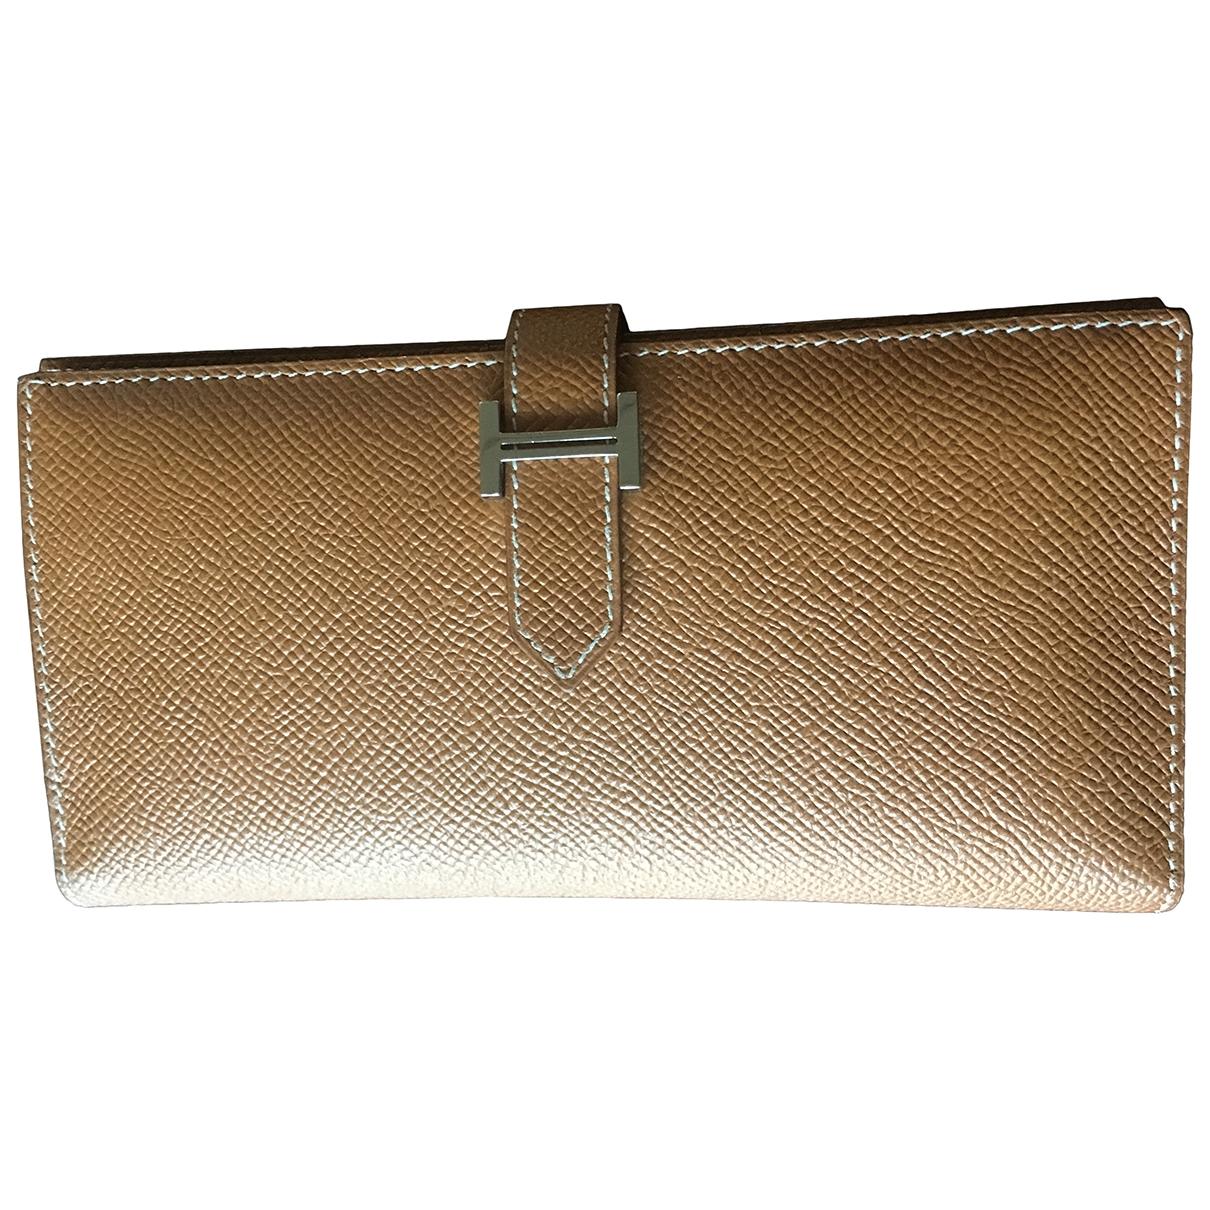 Hermes - Portefeuille Bearn pour femme en cuir - marron